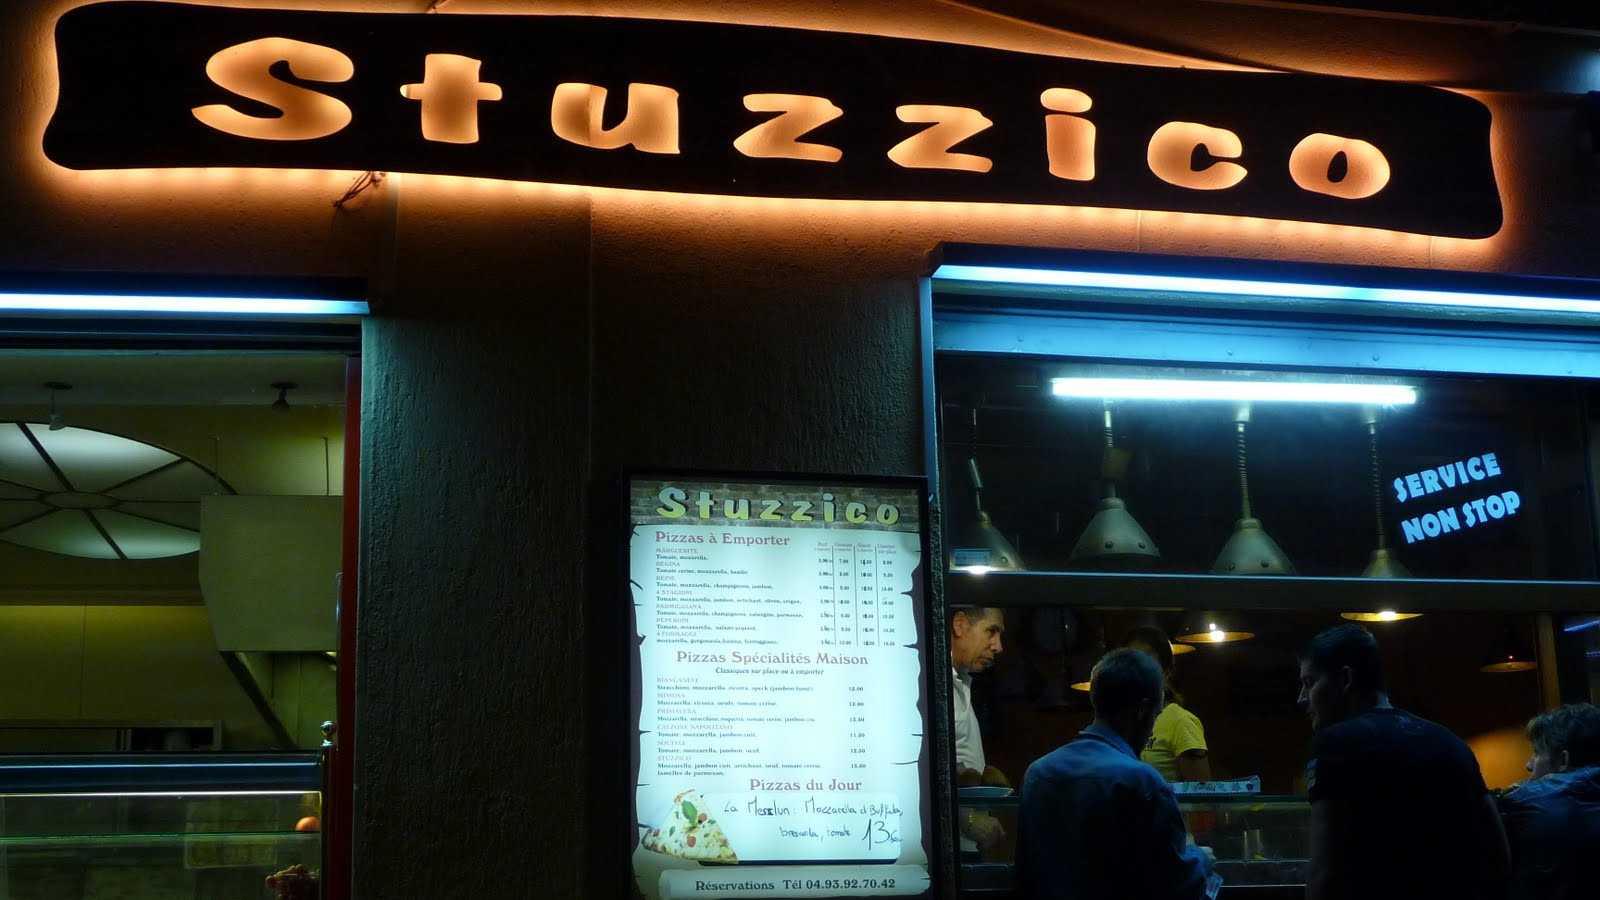 Nice - Stuzzico